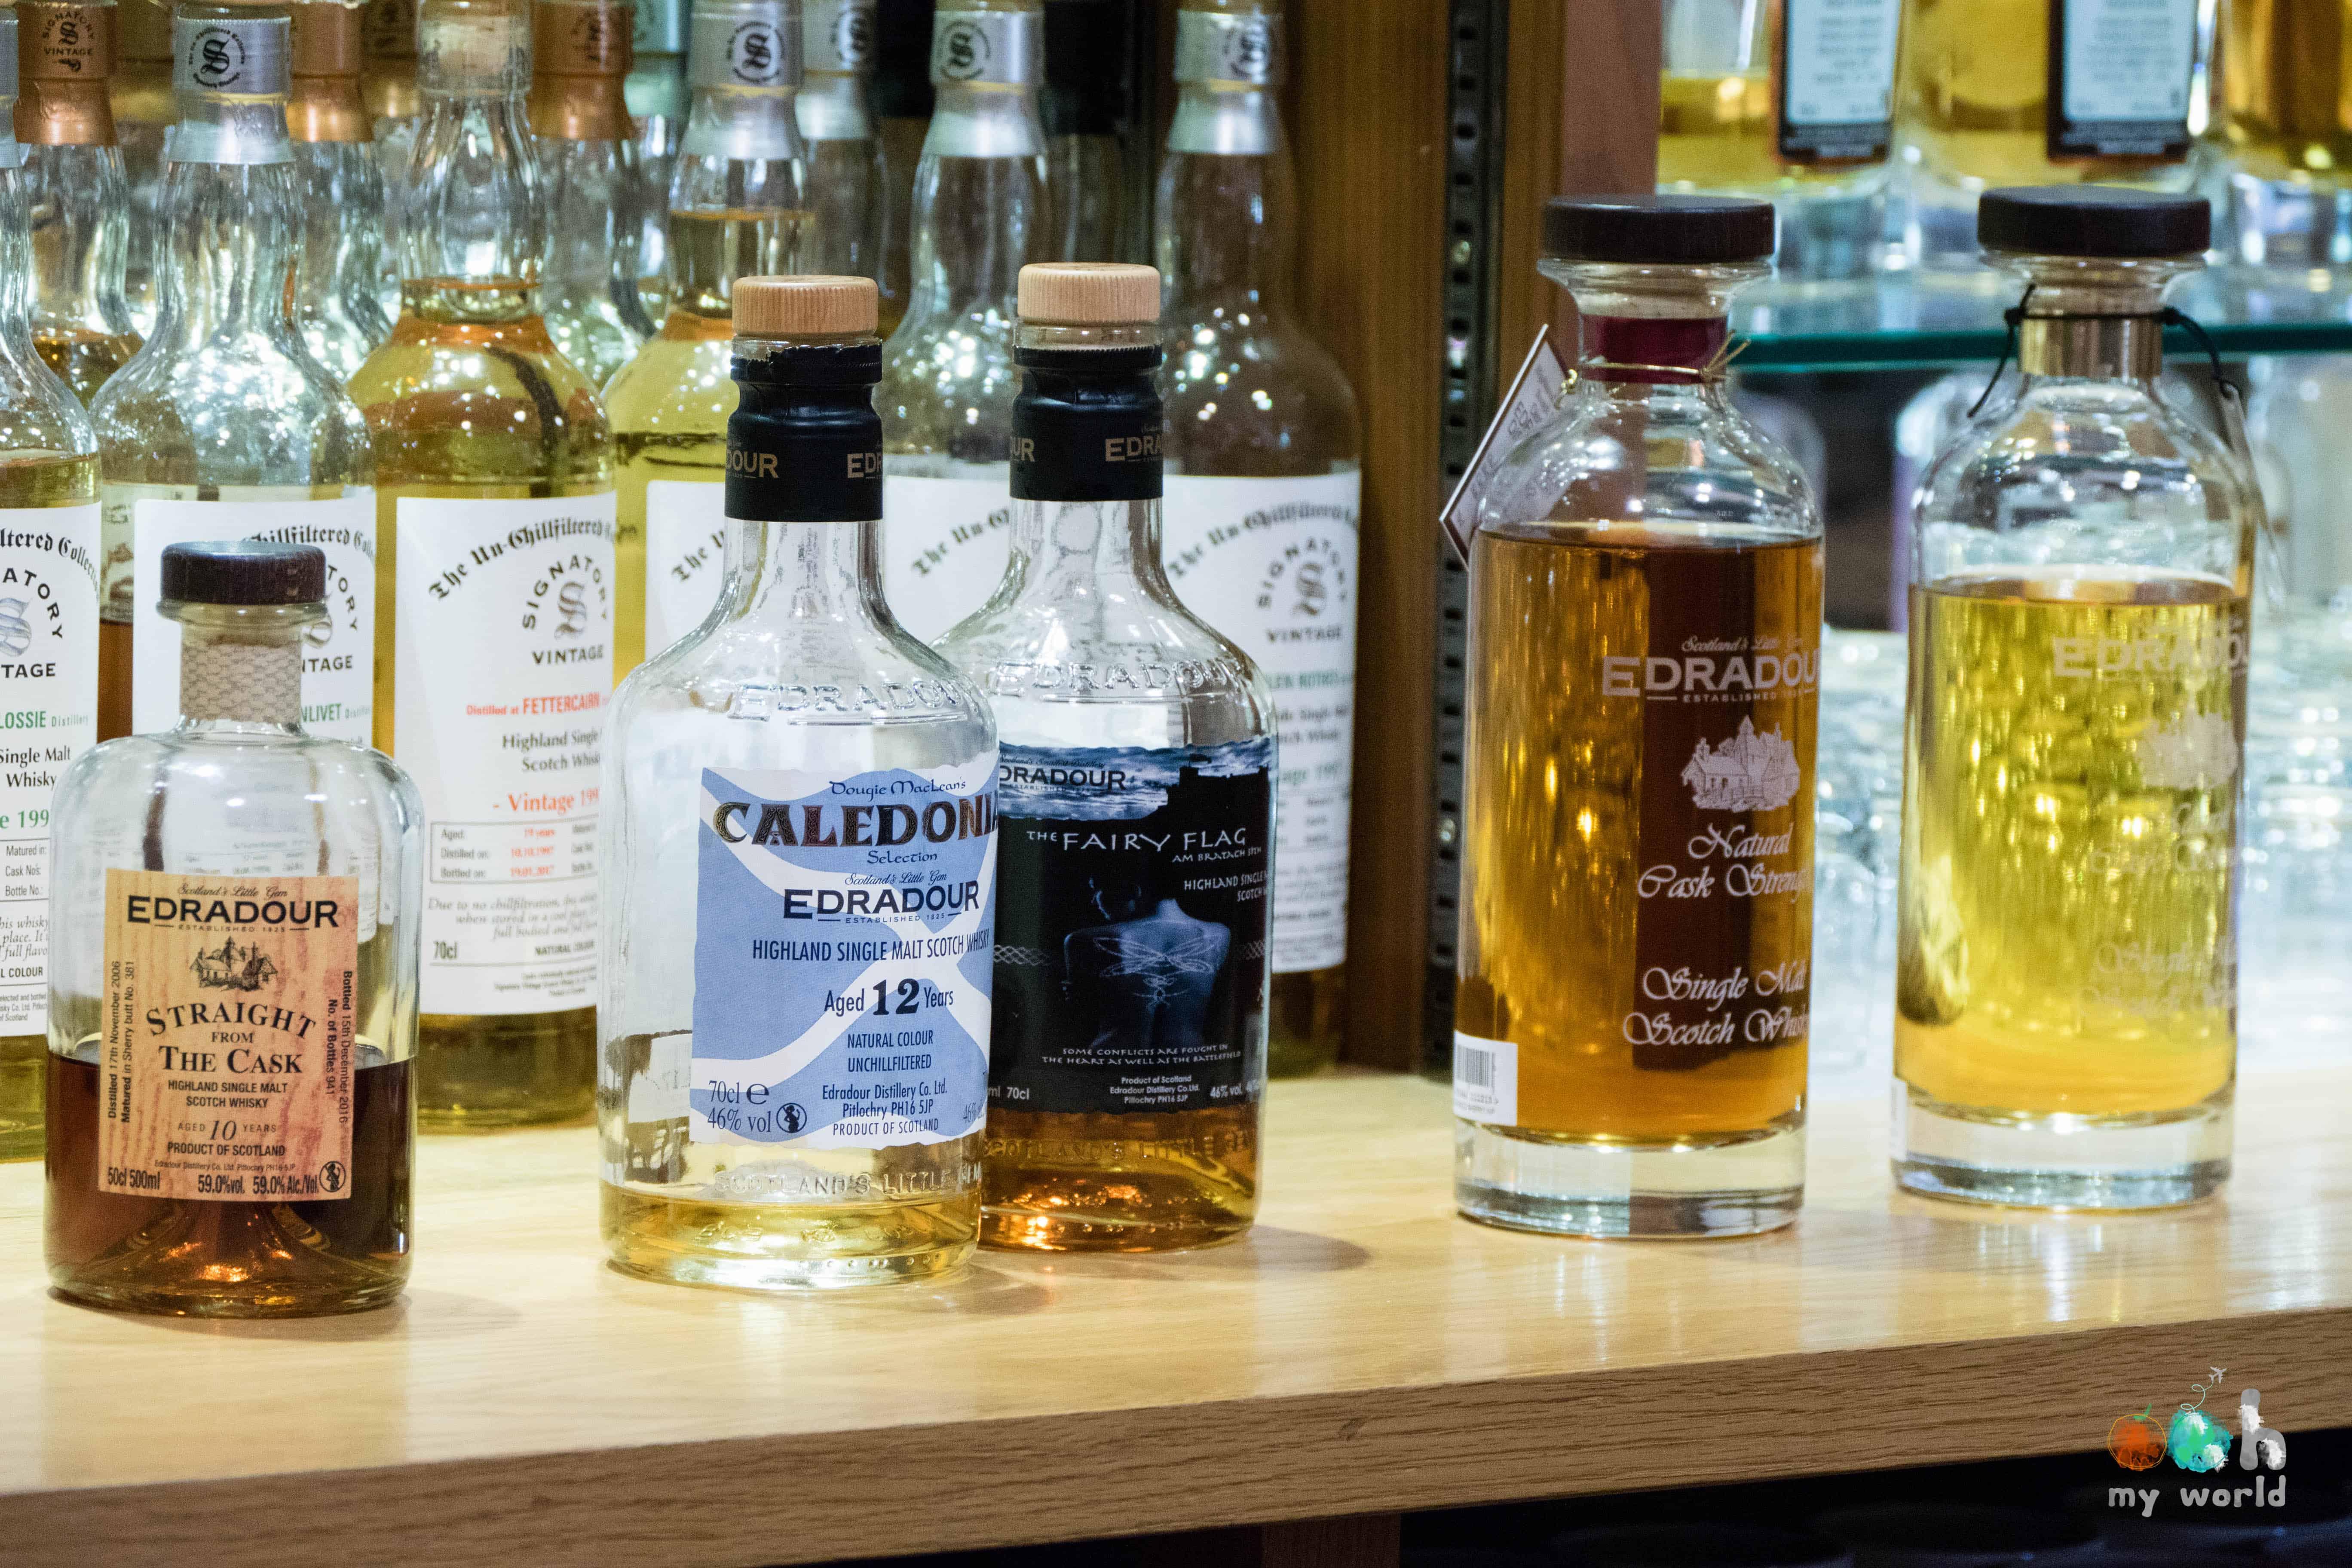 Les whiskies de la marque d'Edradour